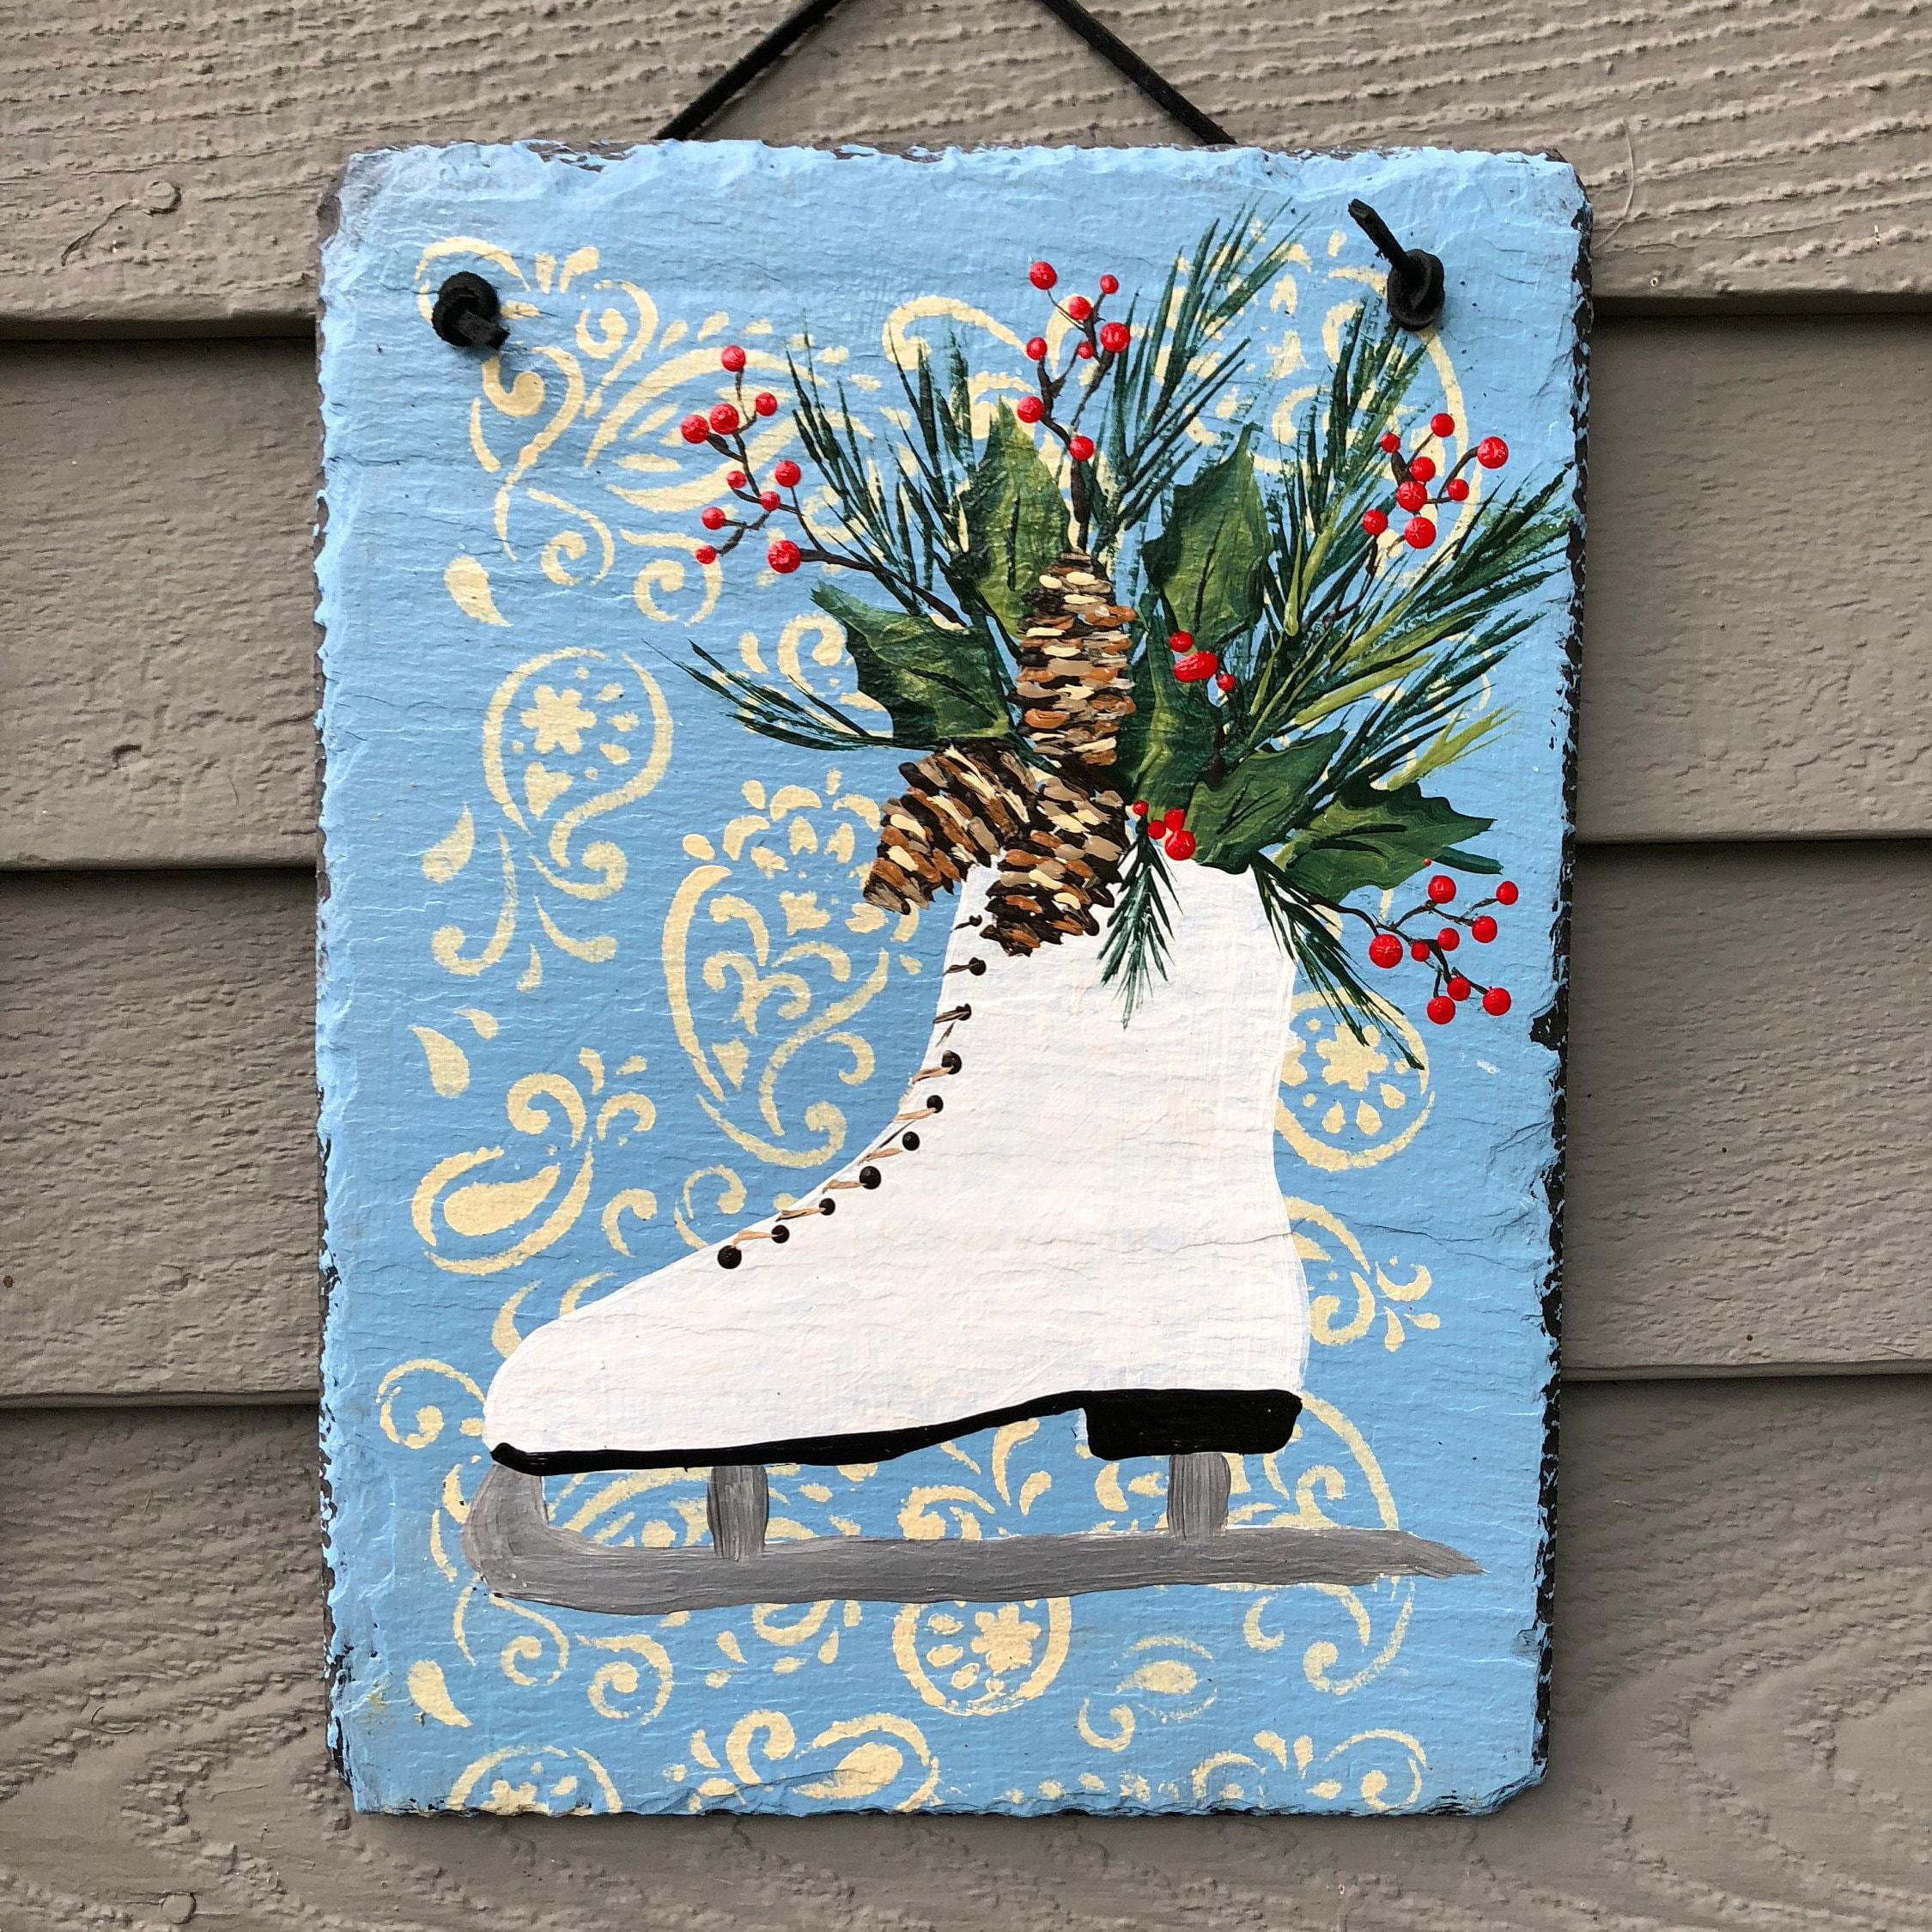 outside winter decorations winter door hanger winter ice skate slate door hanger hand painted slate holiday door hanger christmas decor